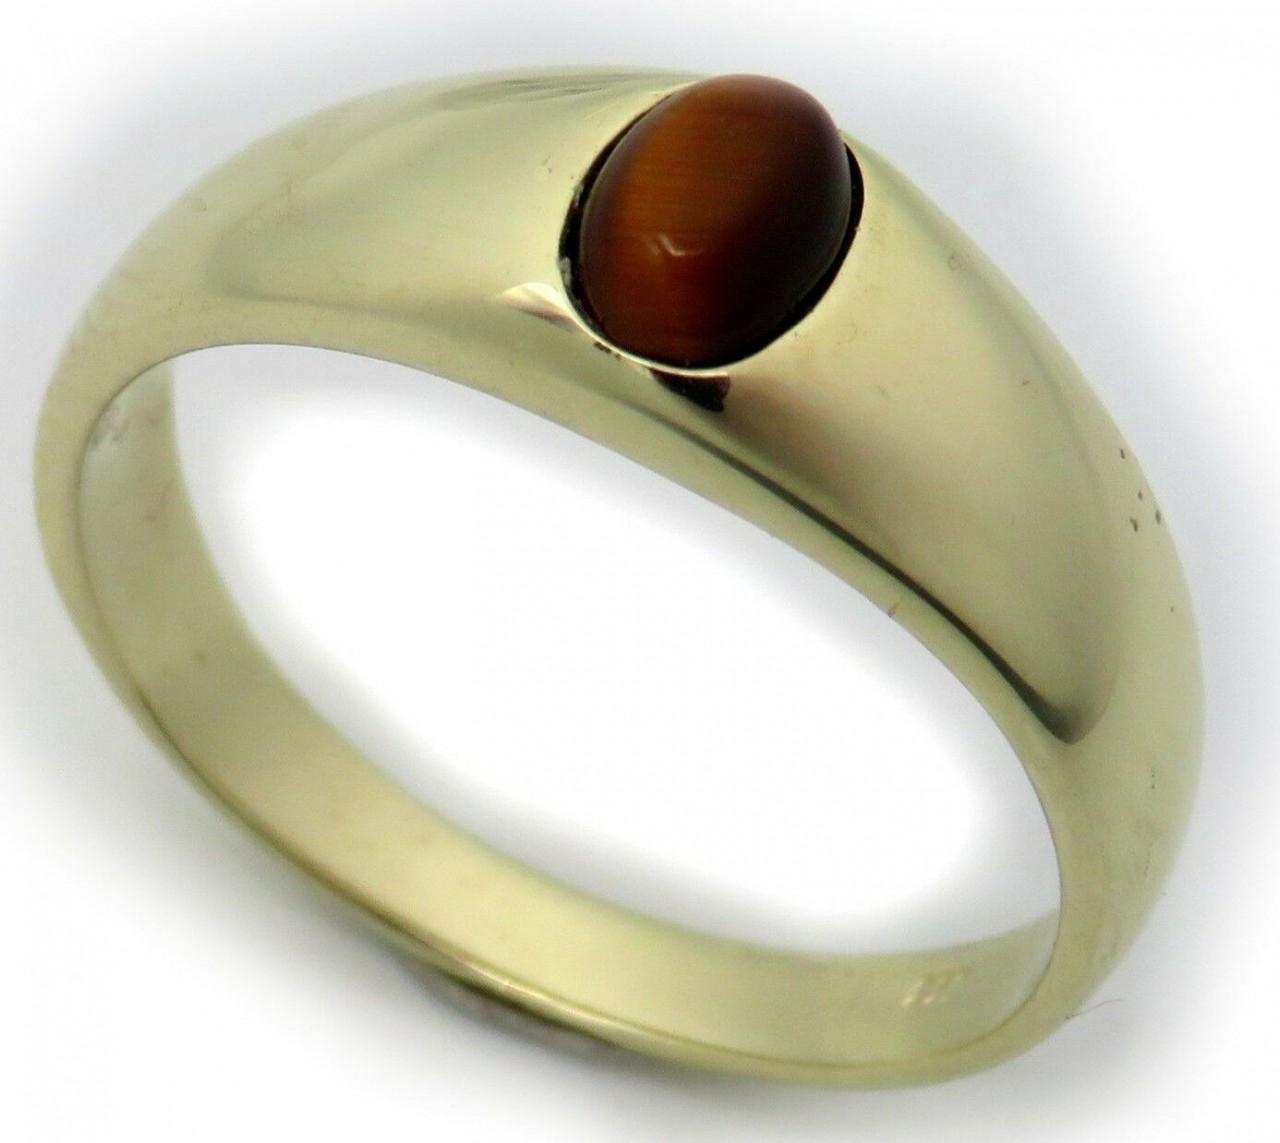 Herren Ring echt Gold 750 echt Tigerauge 18 karat Gelbgold Qualität Herrenring N